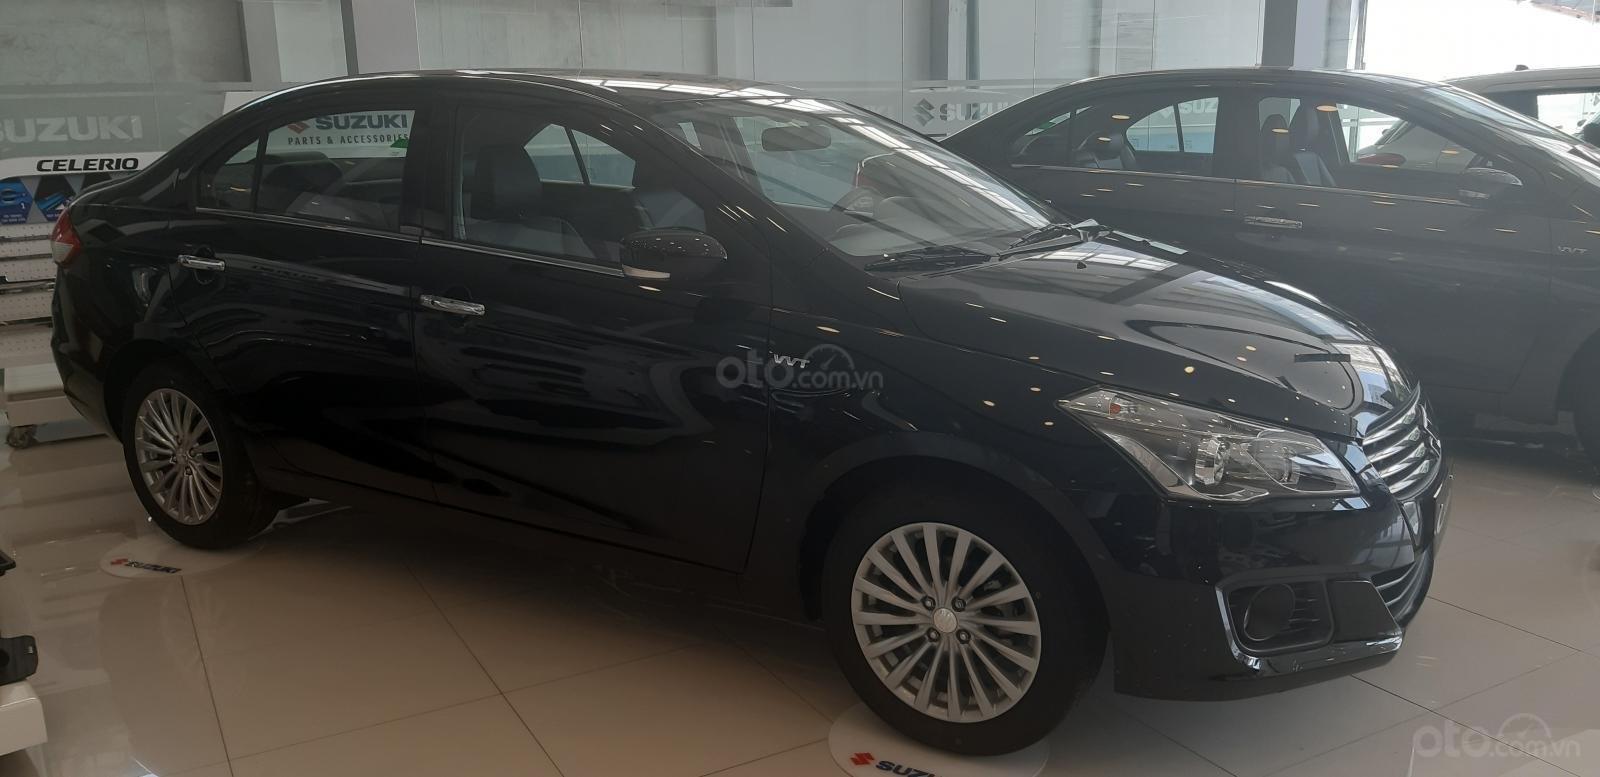 Suzuki Ciaz 2019 hỗ trợ trả góp 100% giá trị xe, chỉ trả chi phí đăng kí xe (3)